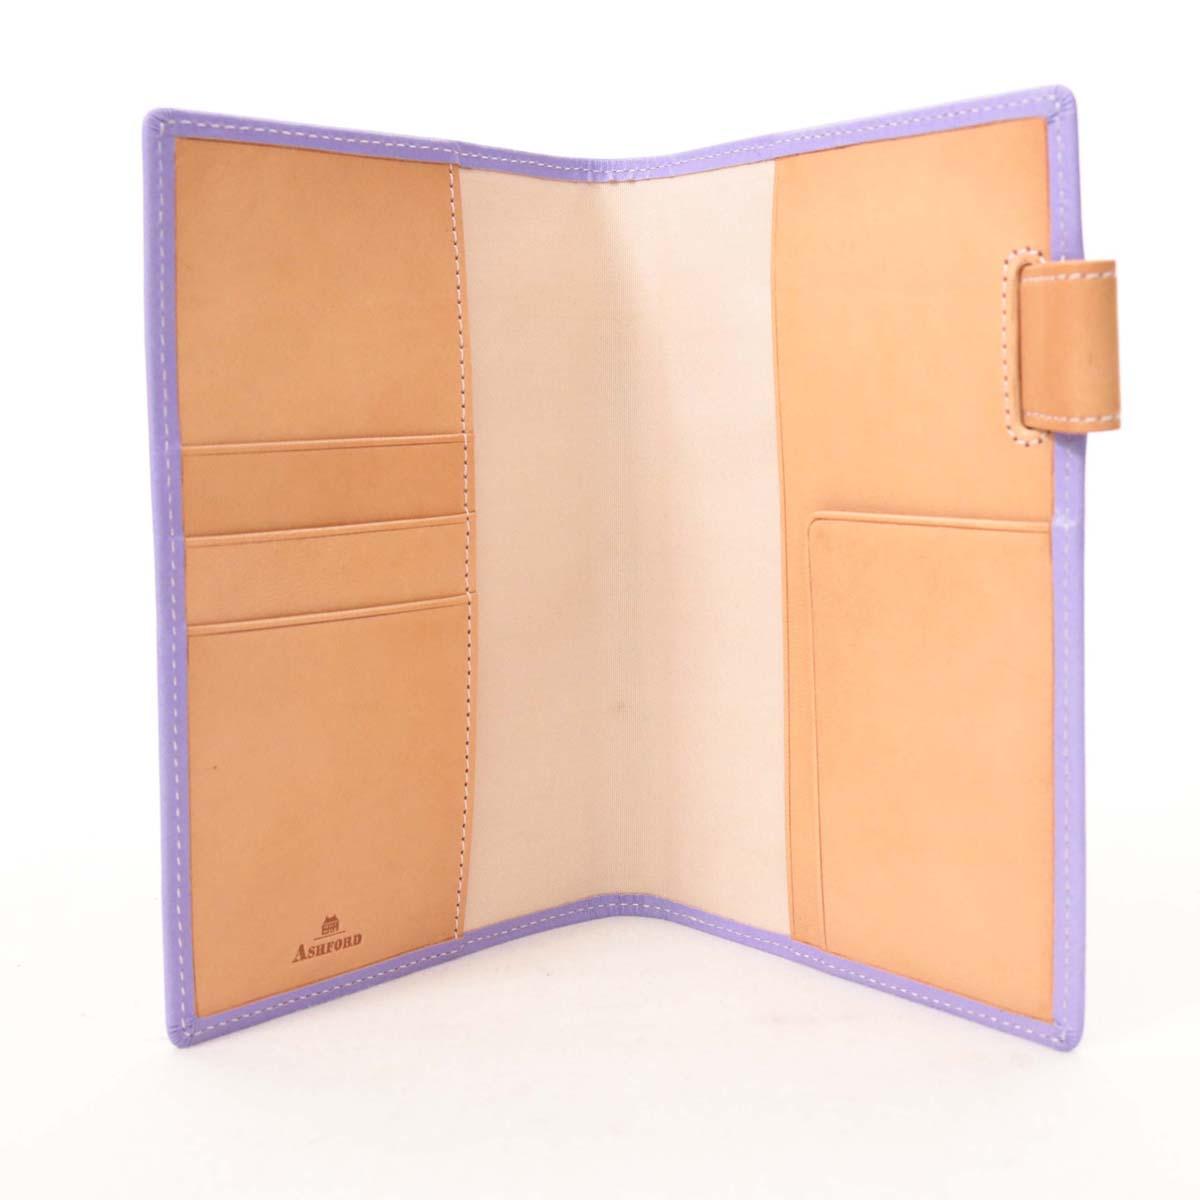 【中古】未使用品☆アッシュフォード レザー手帳カバー☆  パープル/紫/革/13651-CH0818